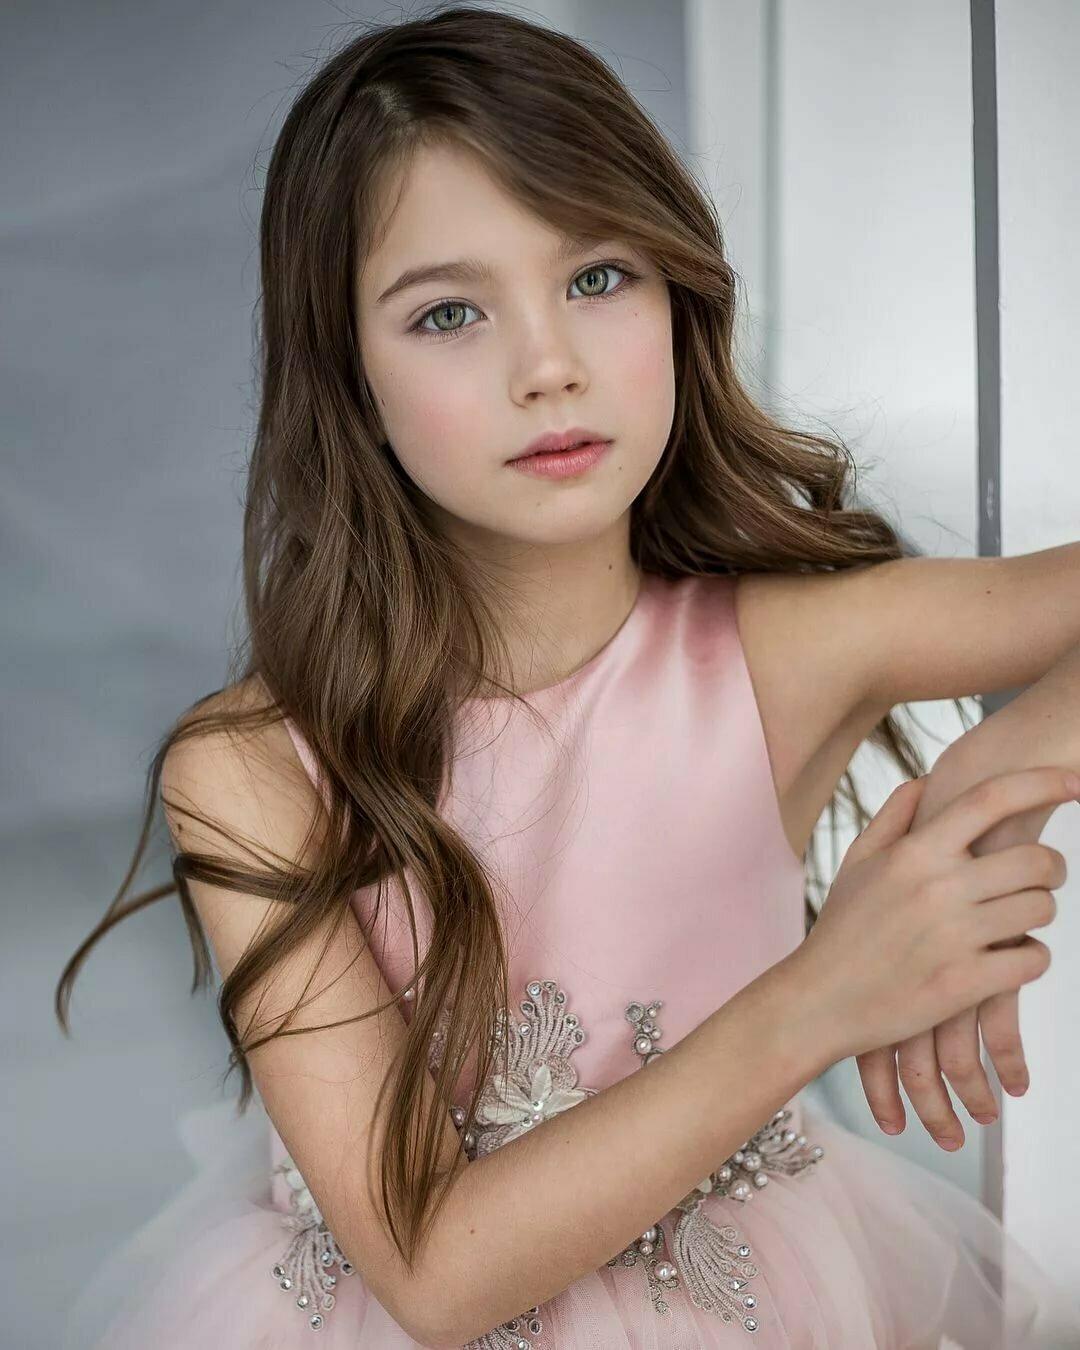 Cute girl junior model teen